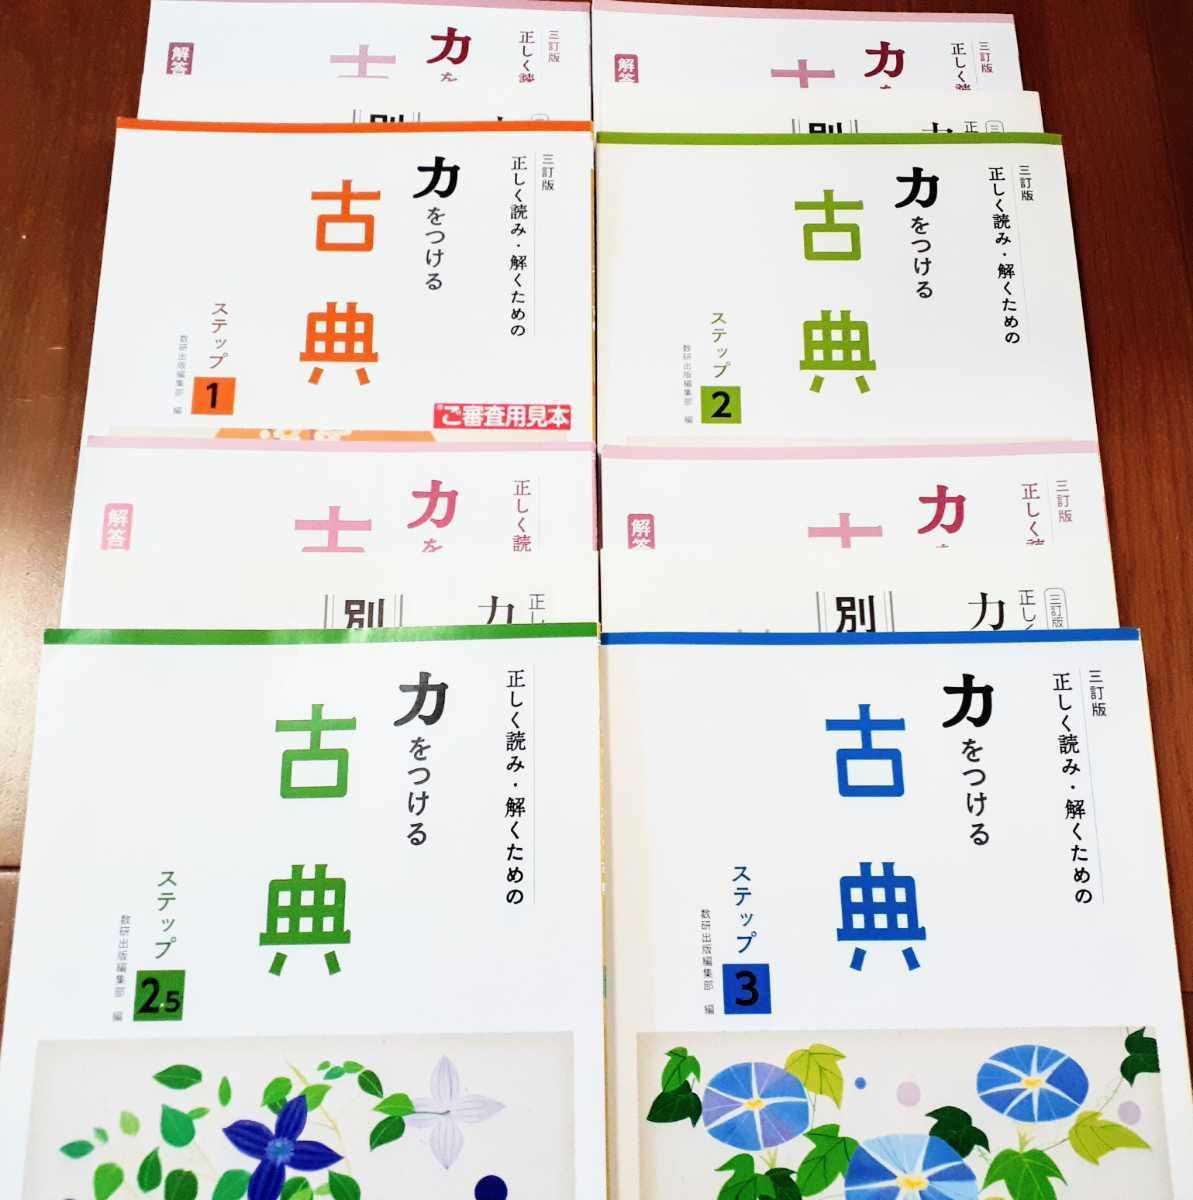 新品送込 力をつける古典 古文 漢文 1 2 2.5 3 セット Z会 河合塾 代ゼ 東進 共通テスト LT 読み解く 力を付ける古典 論理的に考える